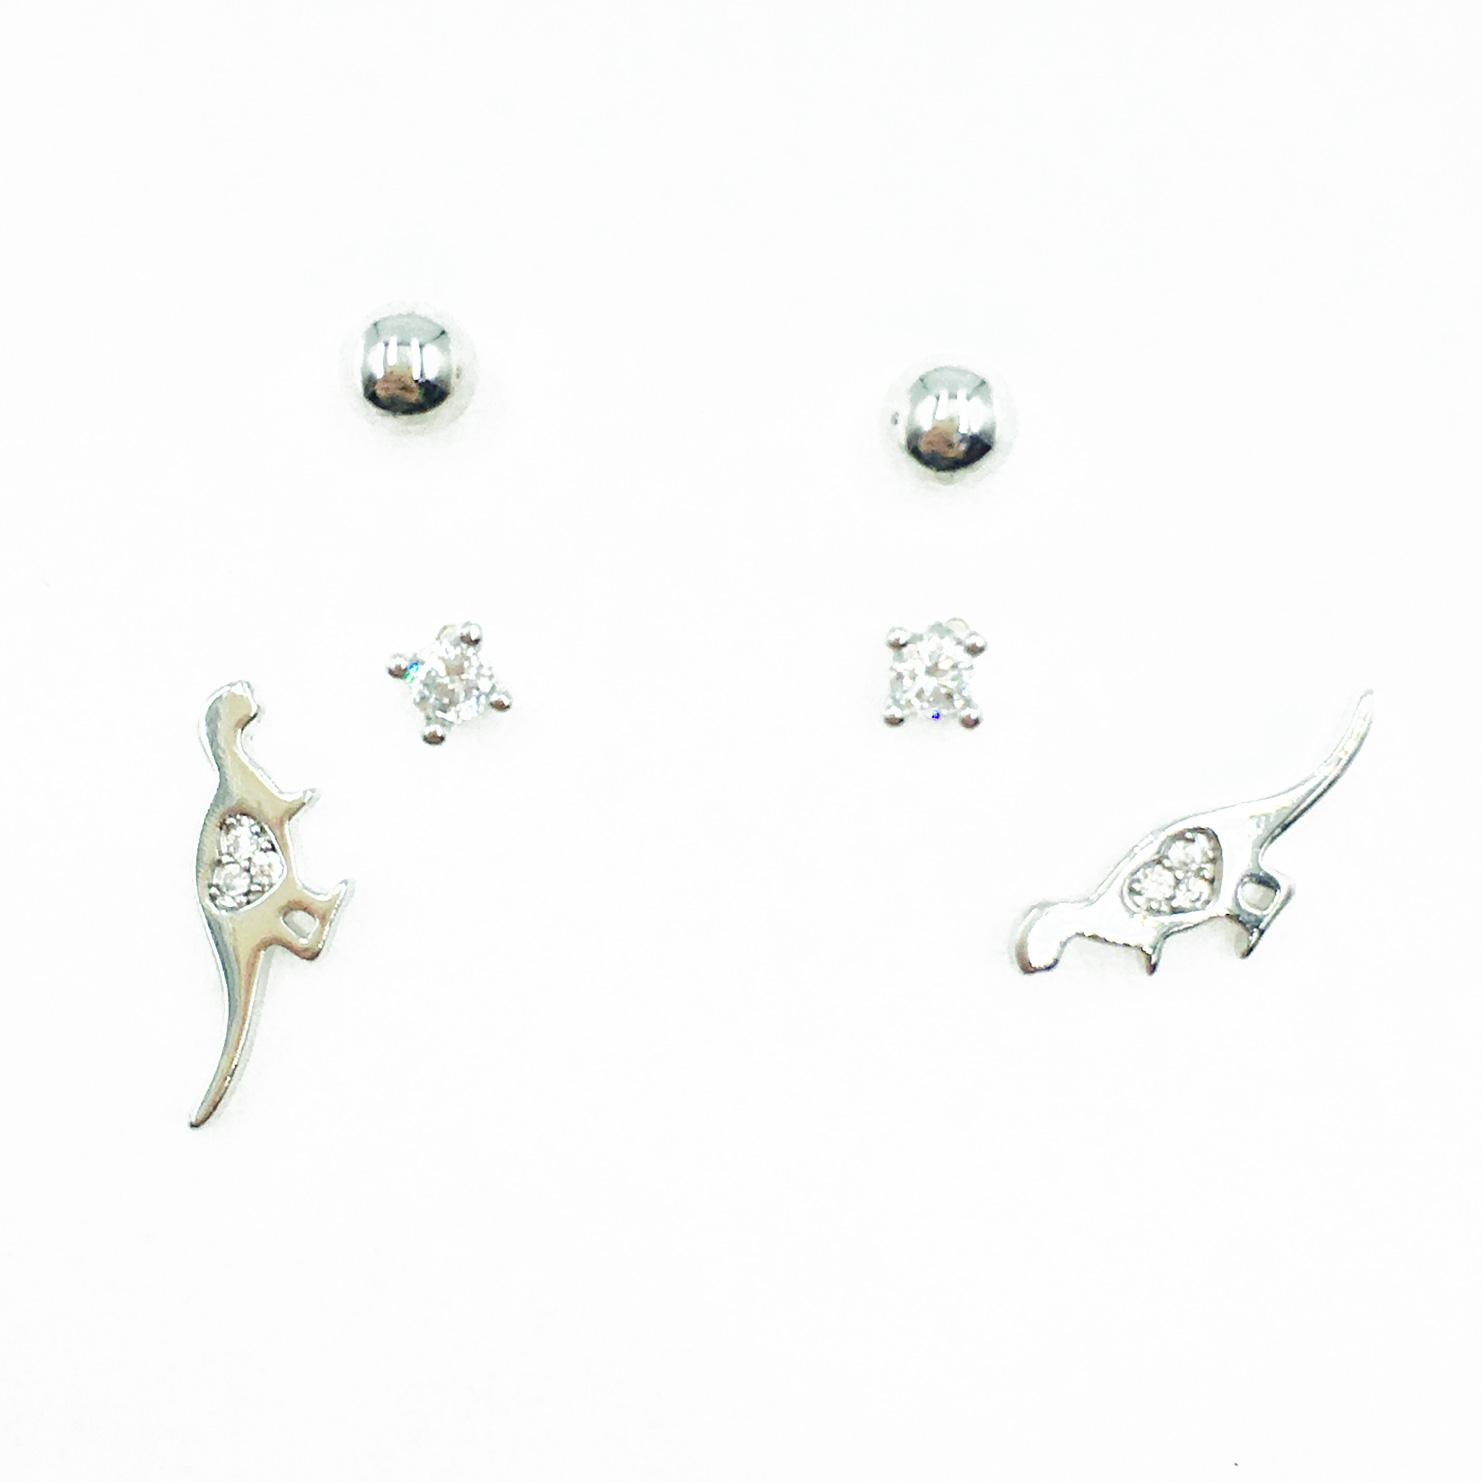 韓國 925純銀 恐龍 單鑽 金屬珠 多入組 耳針式耳環